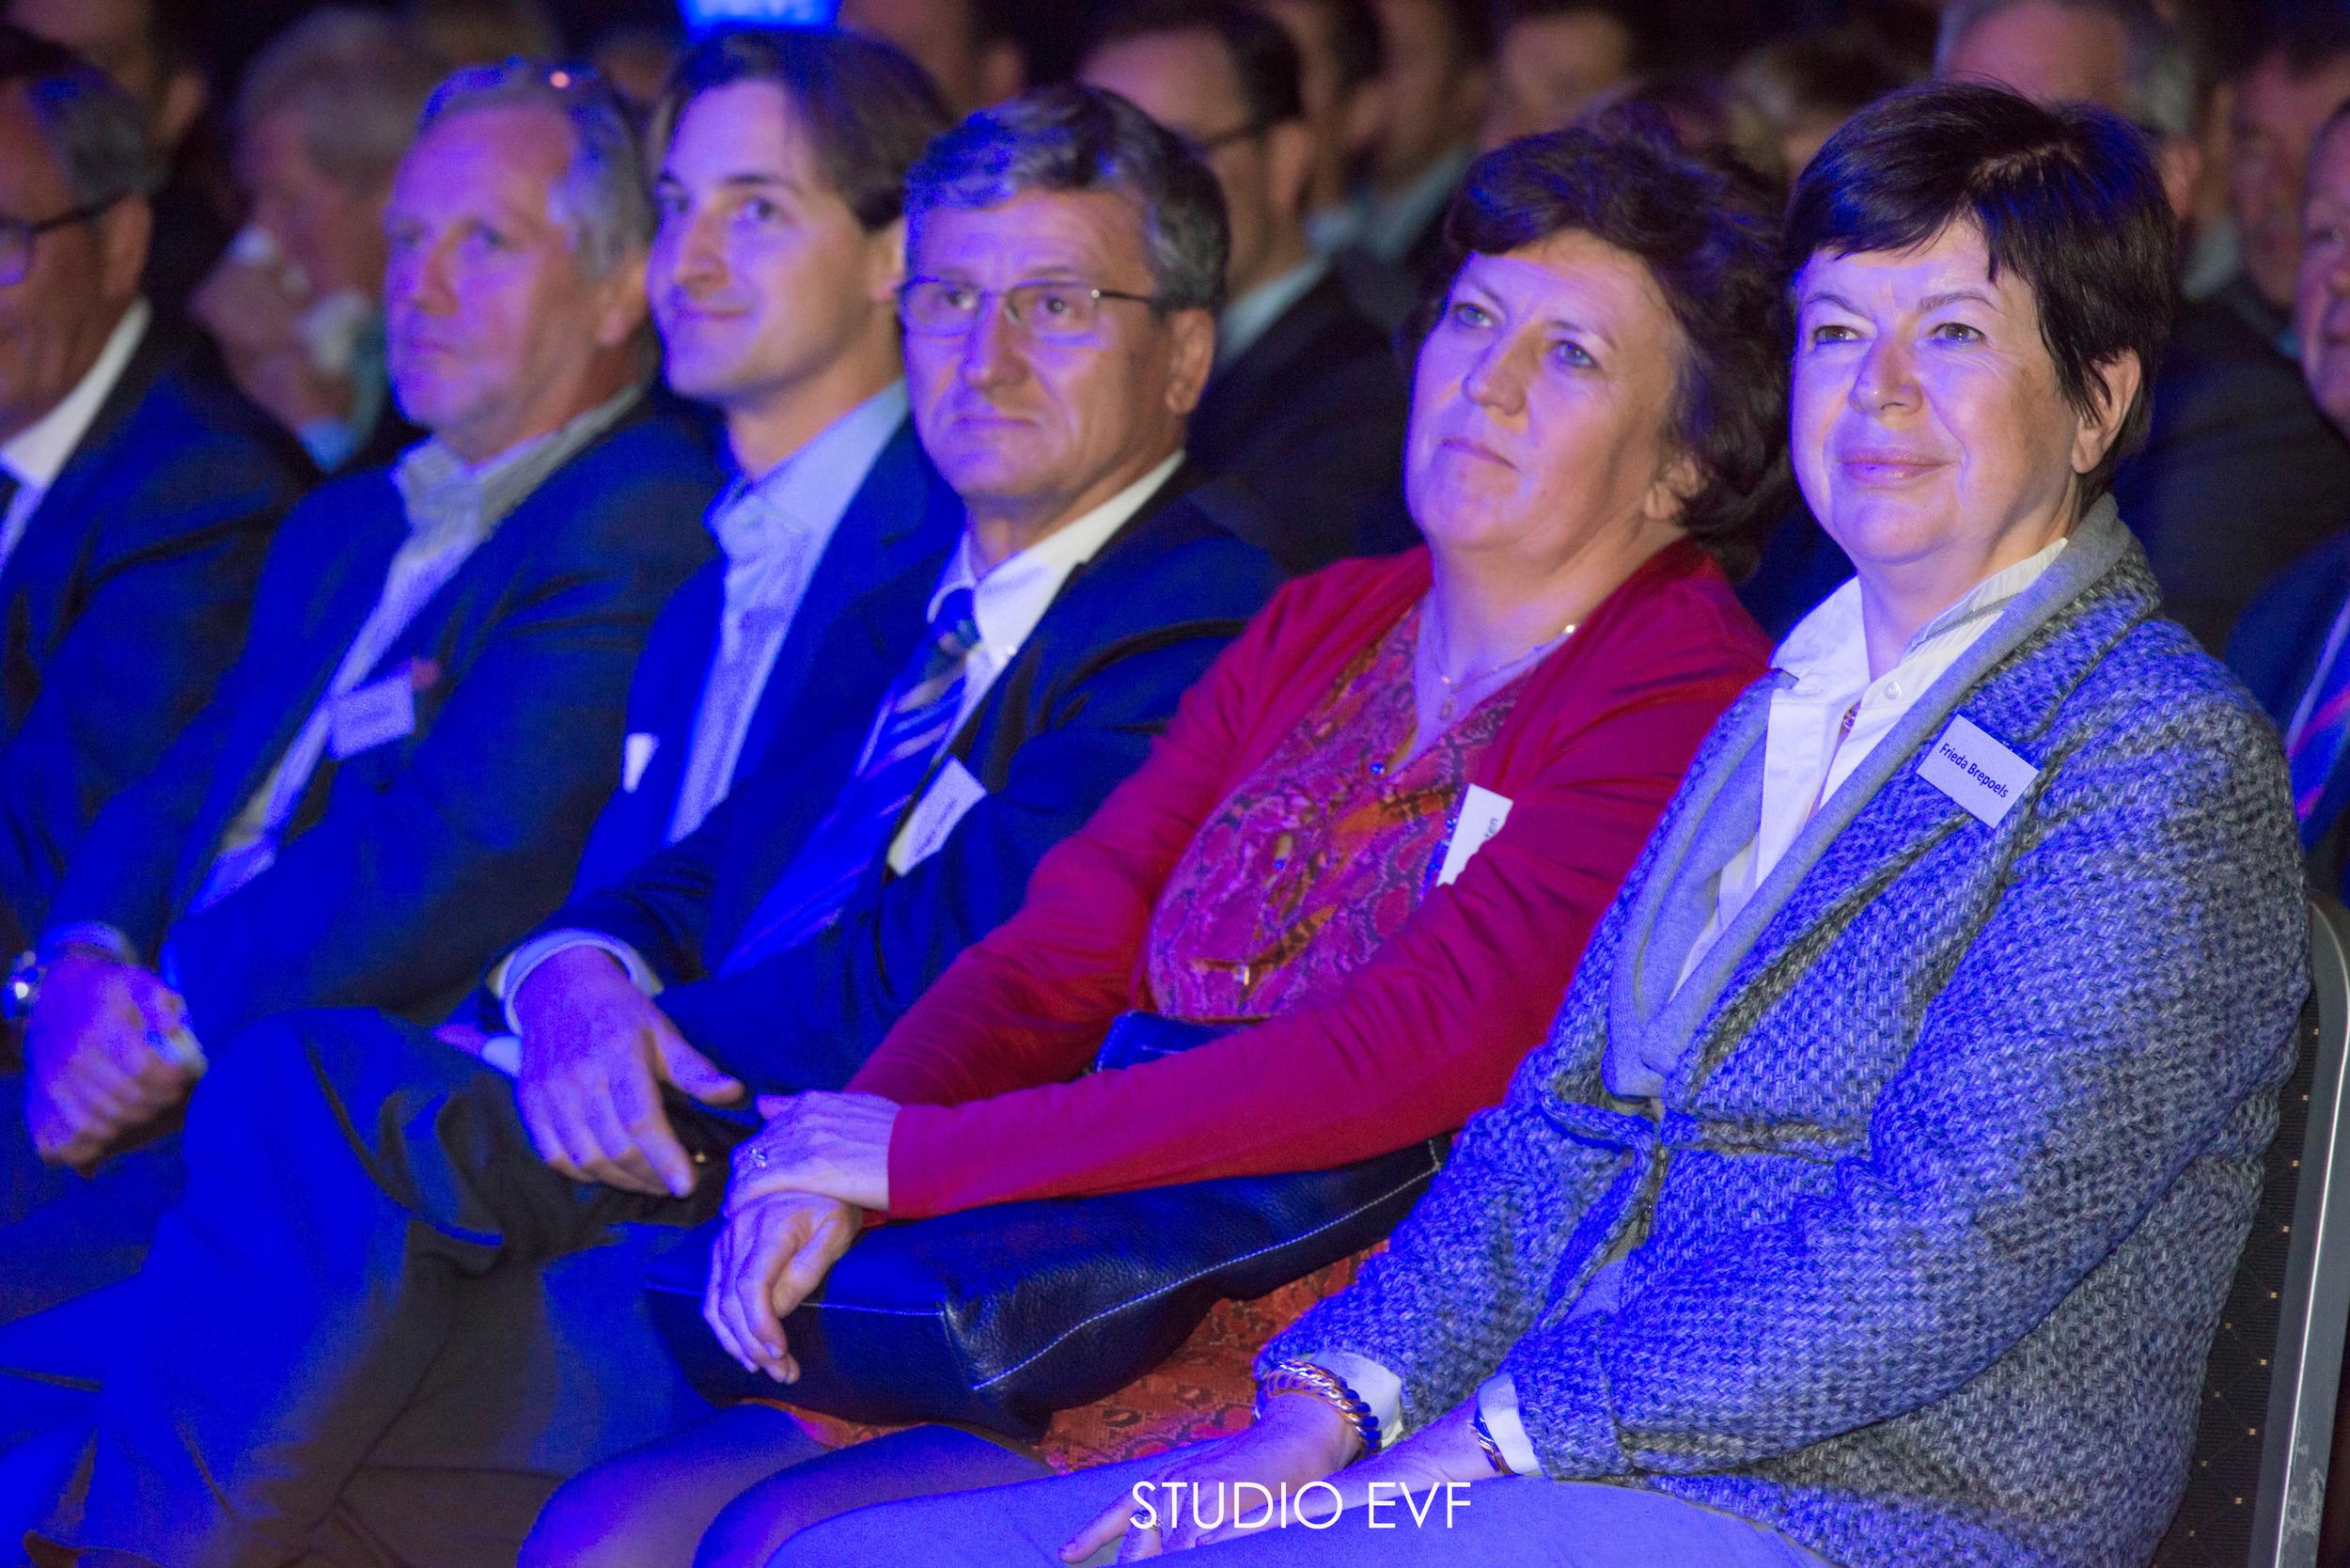 Els-Verbakel-Fotografie-evenementen-14.jpg